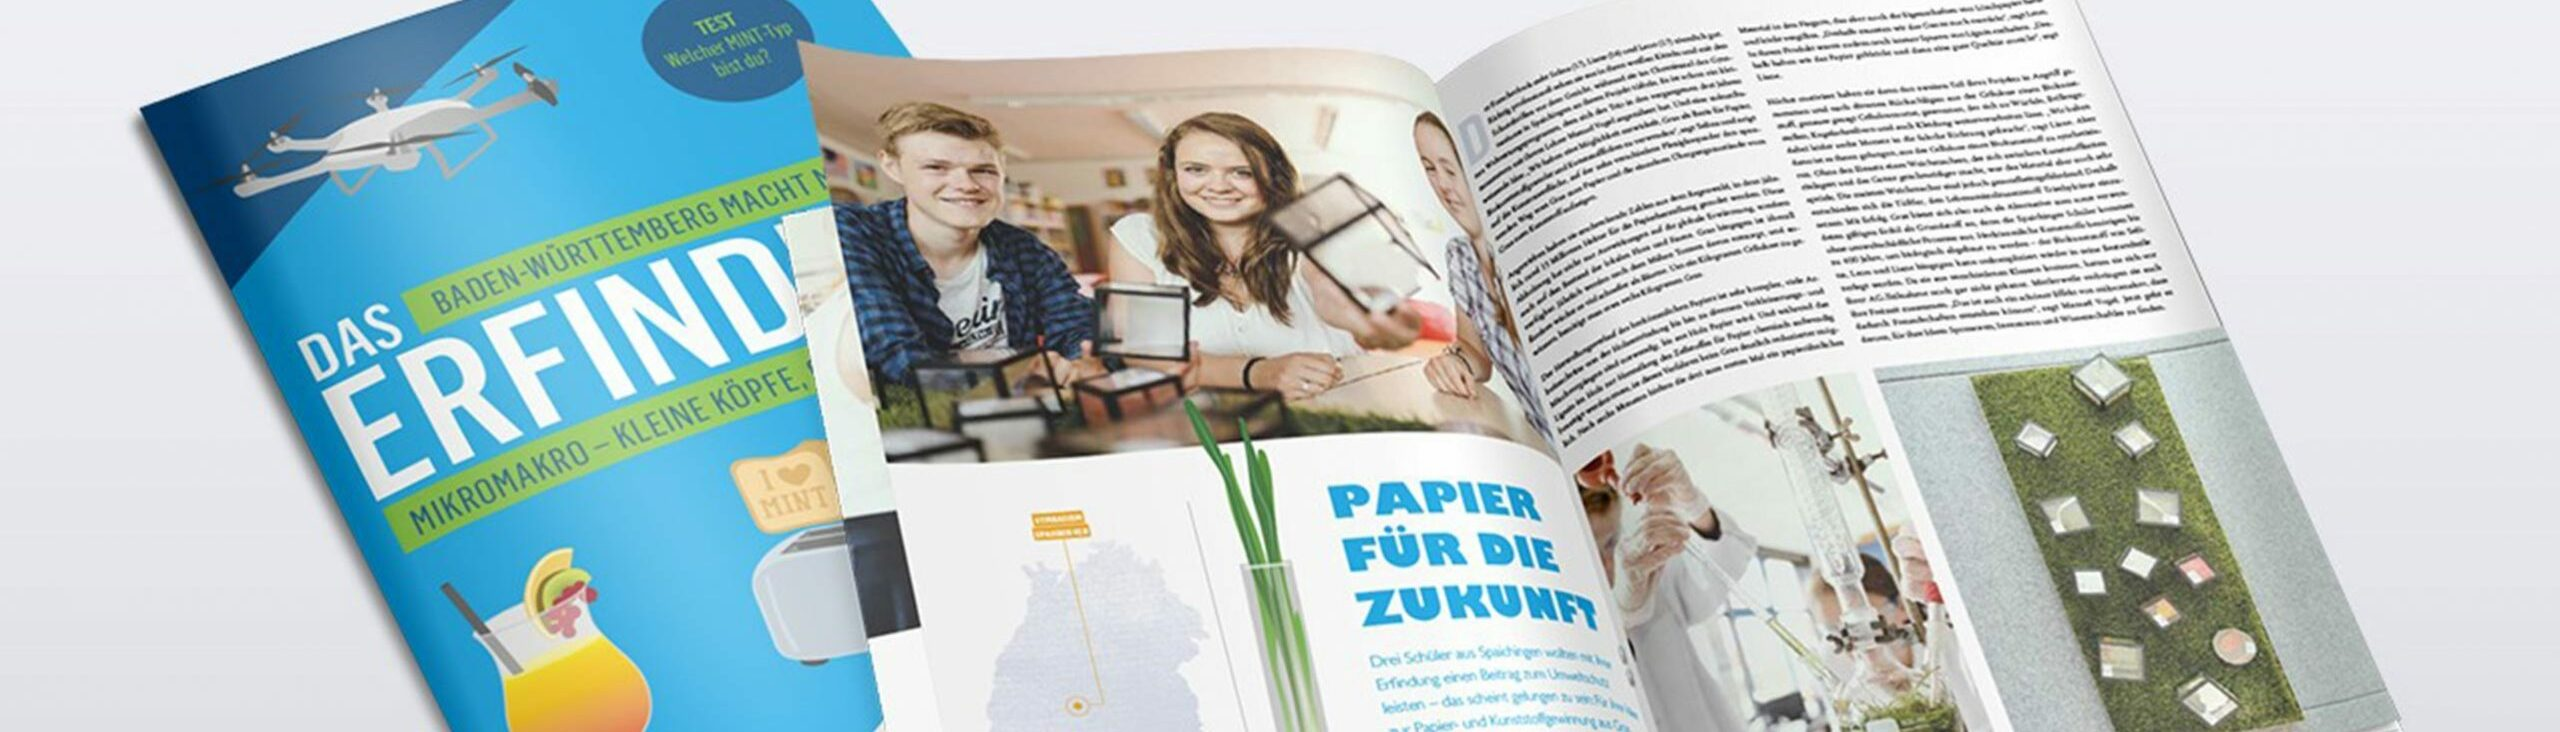 Erfinderheft_BW_Stiftung_Header